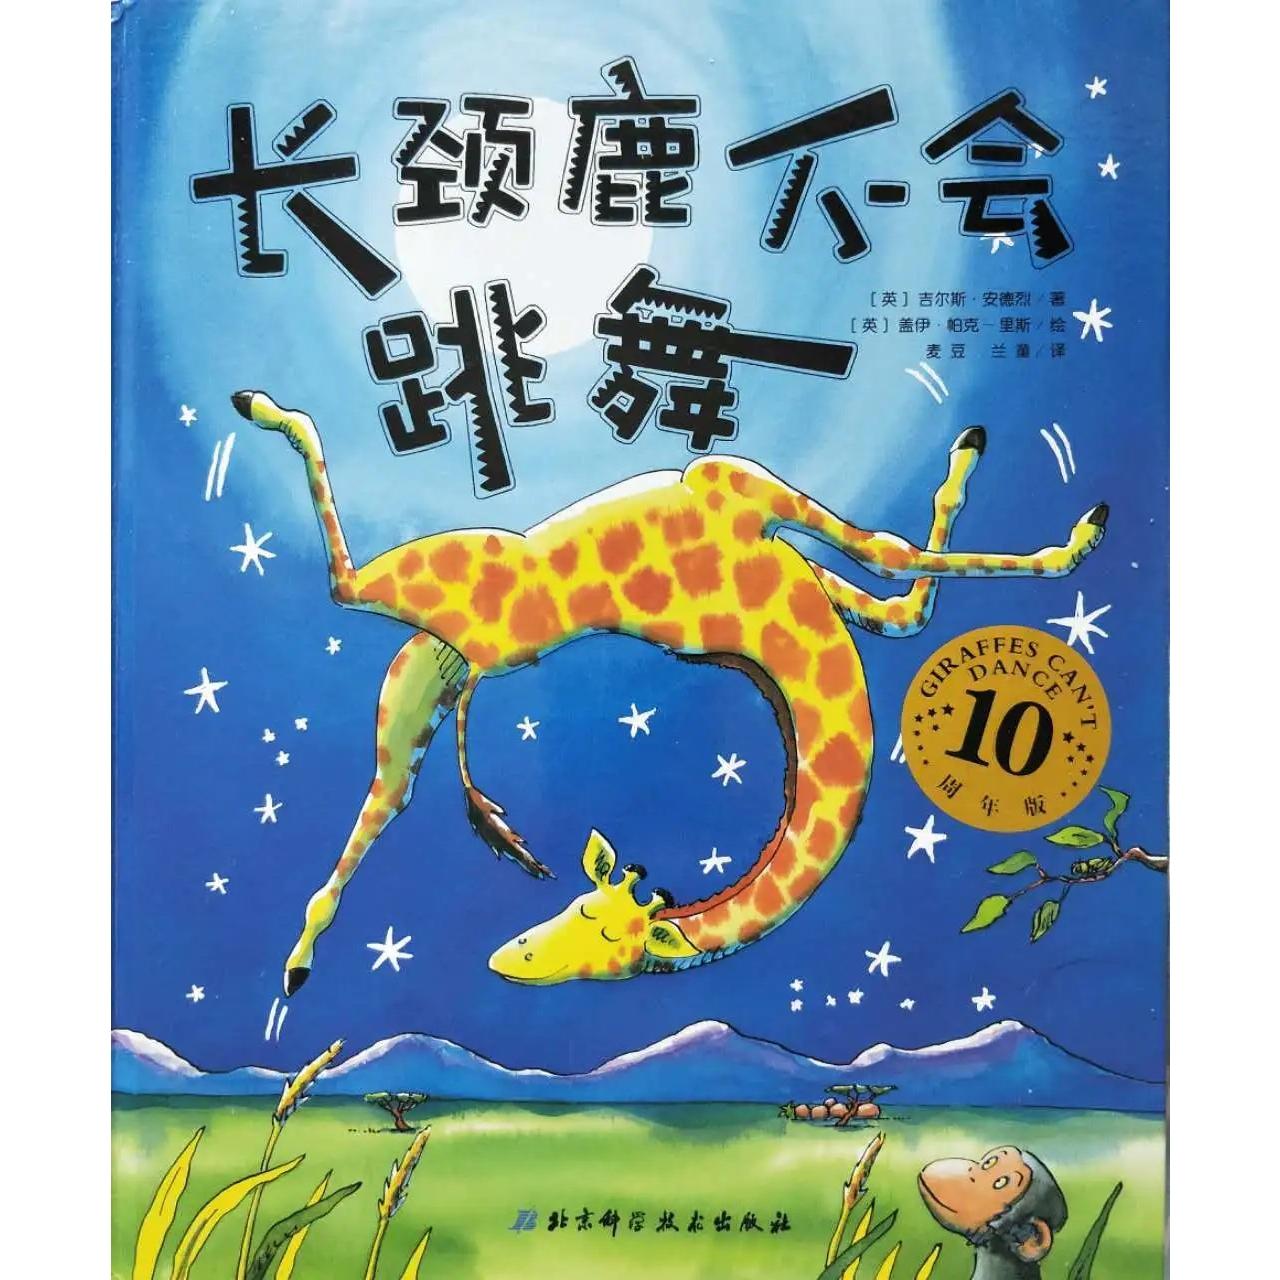 长颈鹿不会跳舞 【儿童绘本/可爱画风/有趣故事】